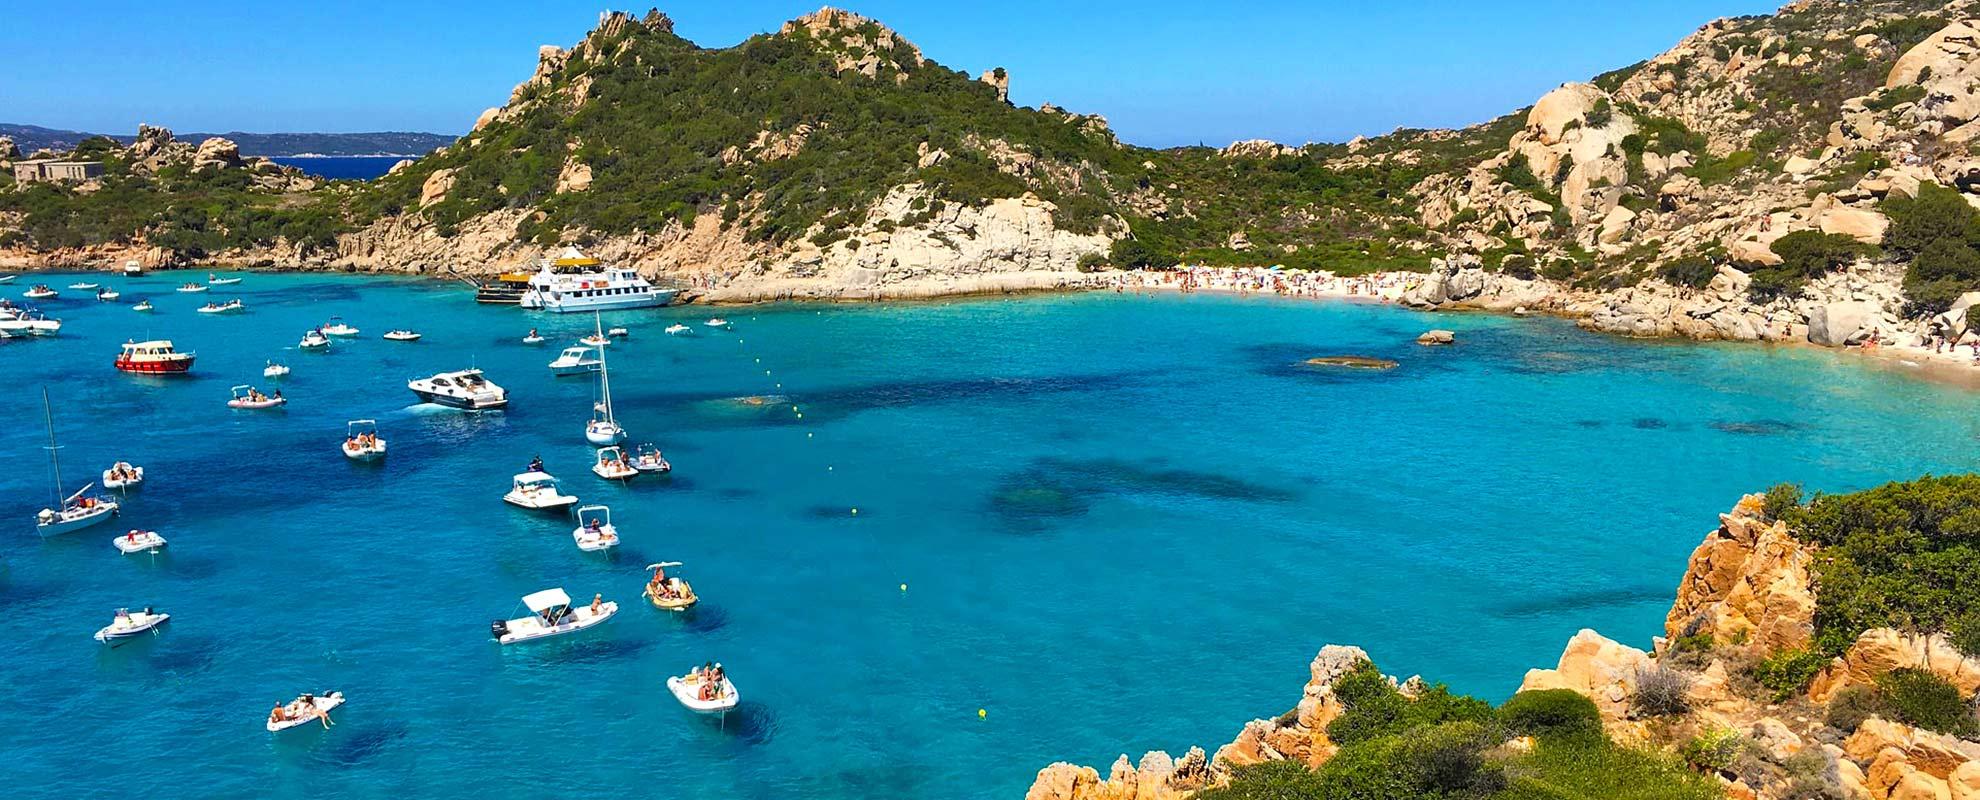 Auf Sardinien lässt es sich Urlaub machen